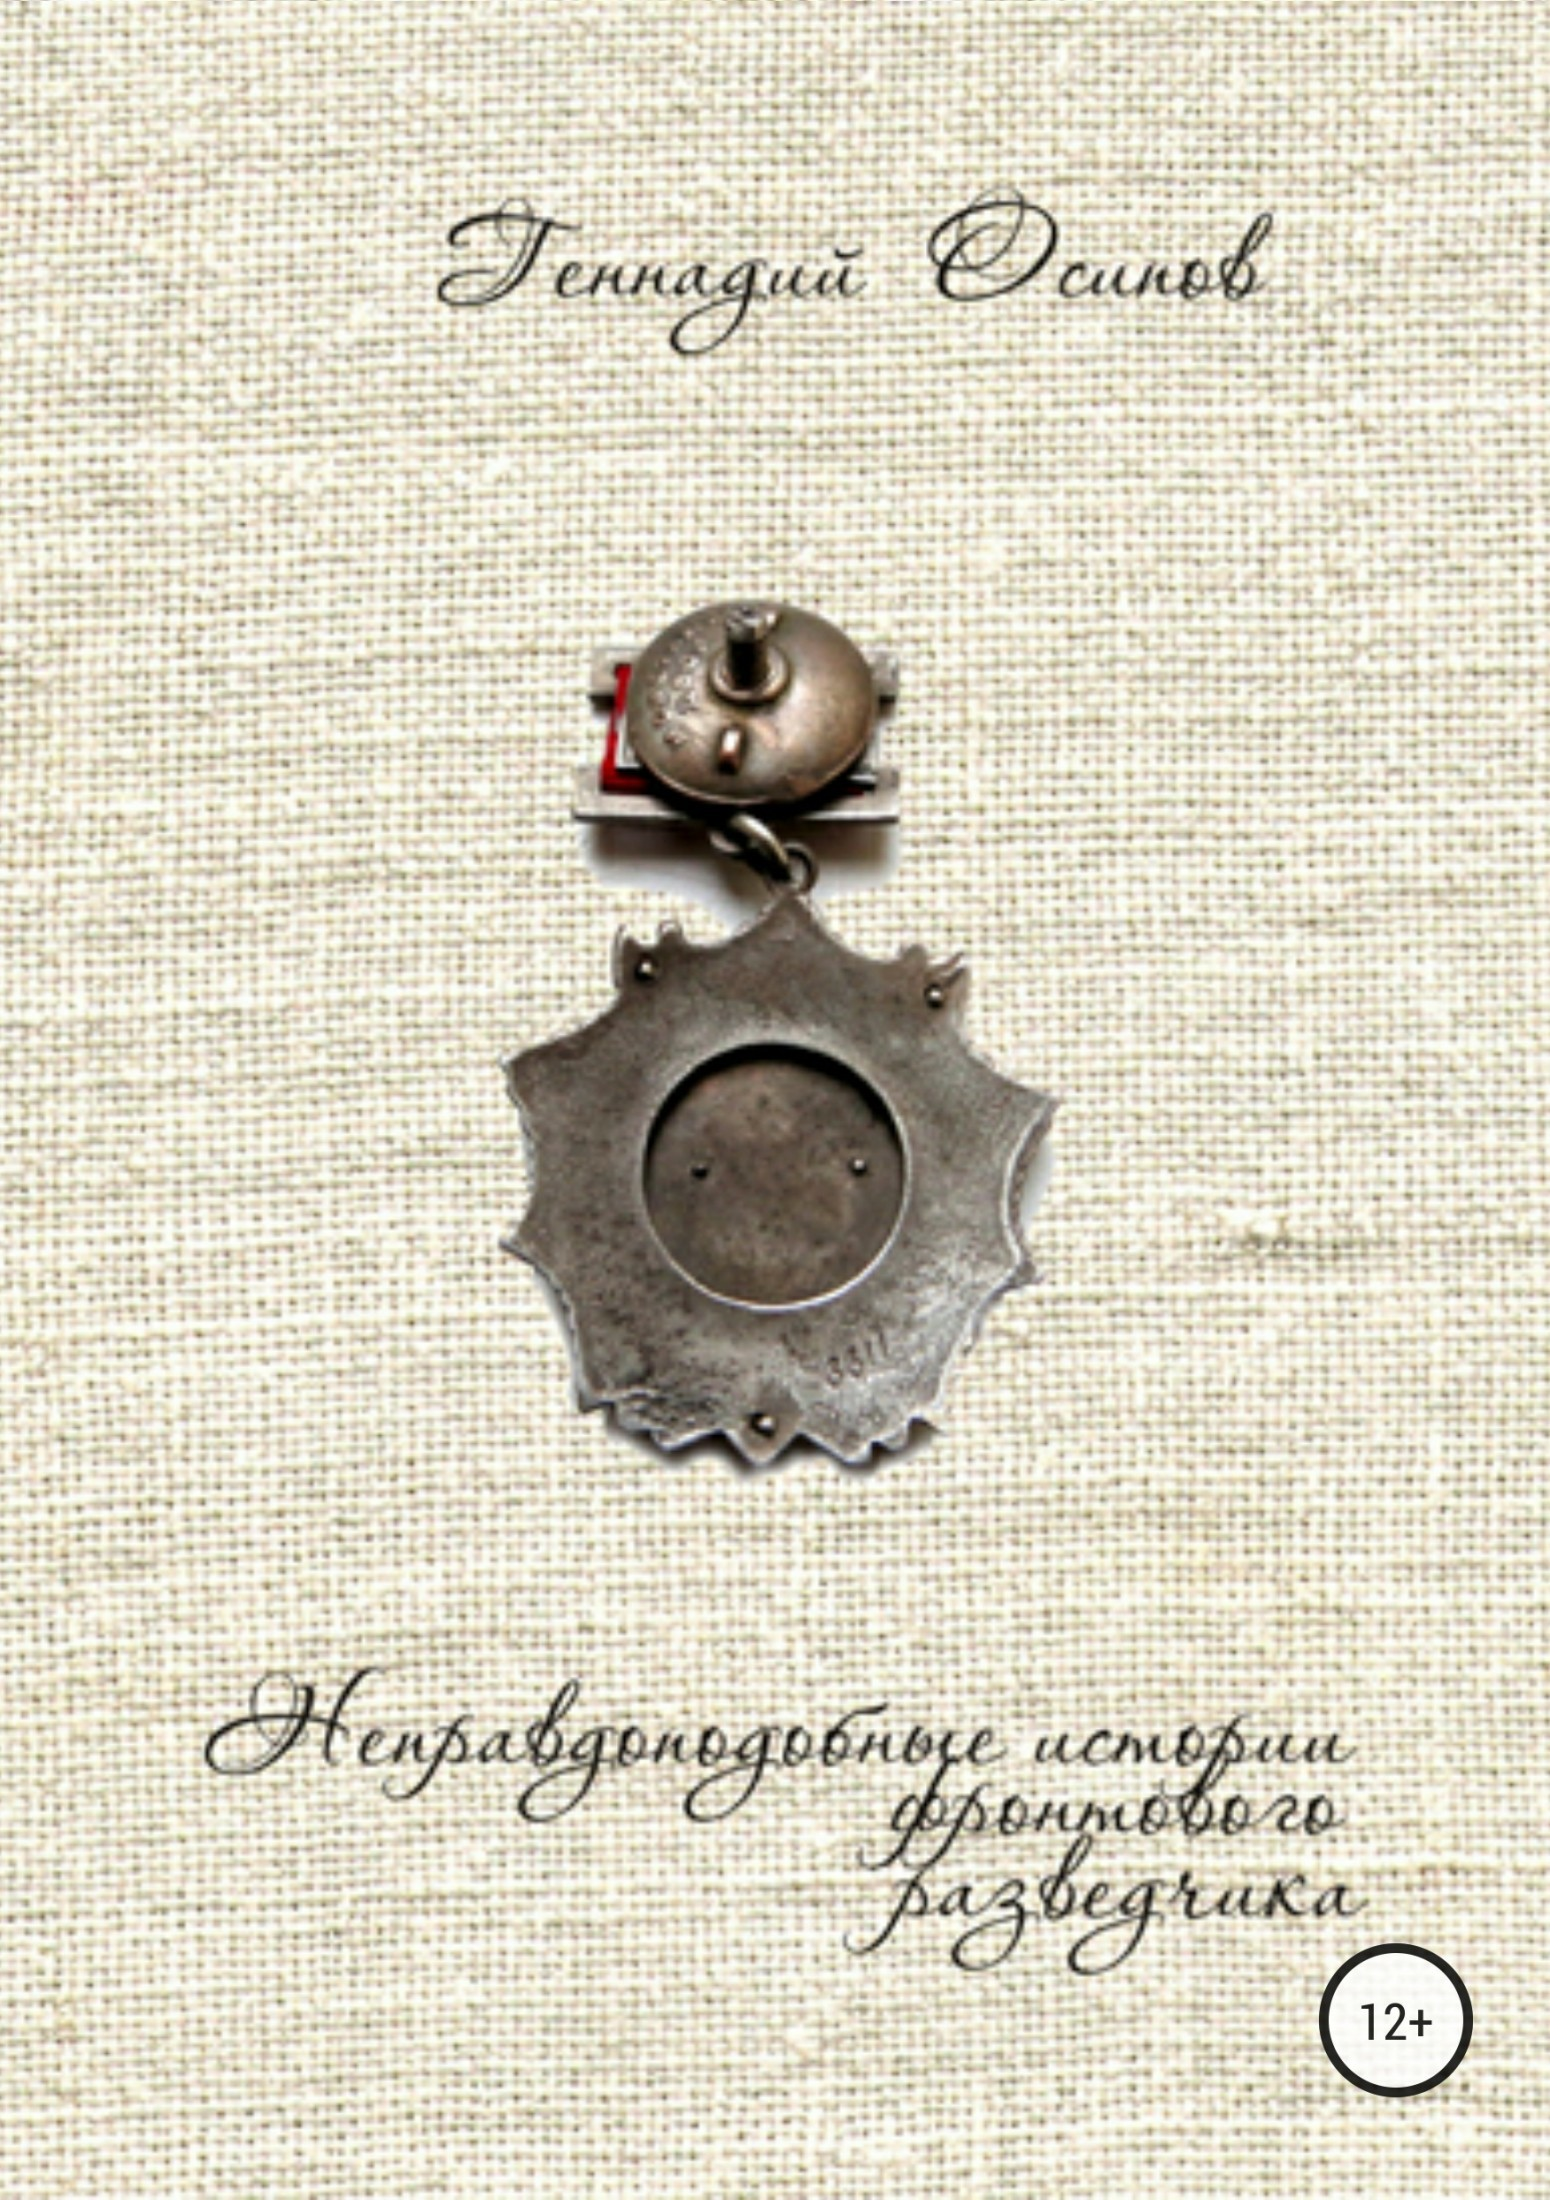 Геннадий Васильевич Осипов. Неправдоподобные истории фронтового разведчика